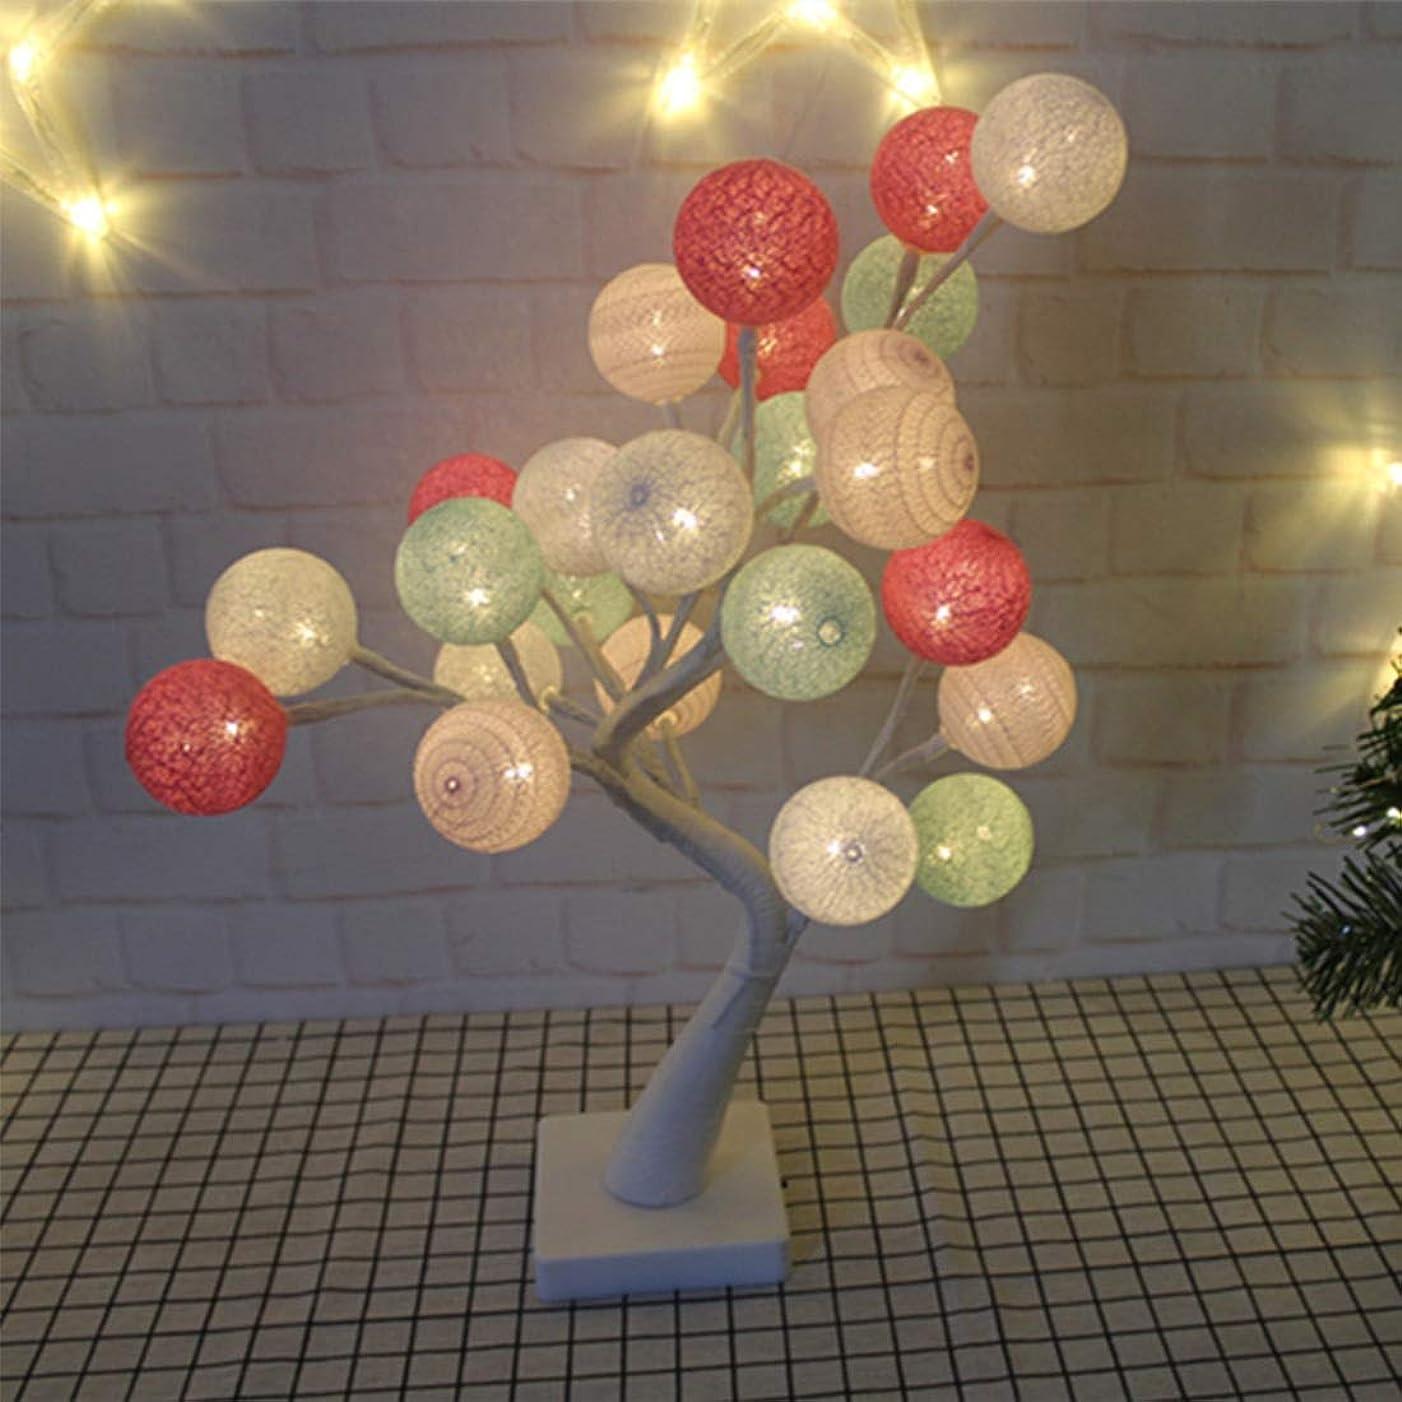 田舎者こする批判DOUGHNUT 24の暖かい白色LEDと屋内のクリスマスの装飾のために作動する電池付きのクリスマスライトコットンボールツリーテーブルランプ-17.72インチ45 Cmの表示ランプ (色 : Macaron color)